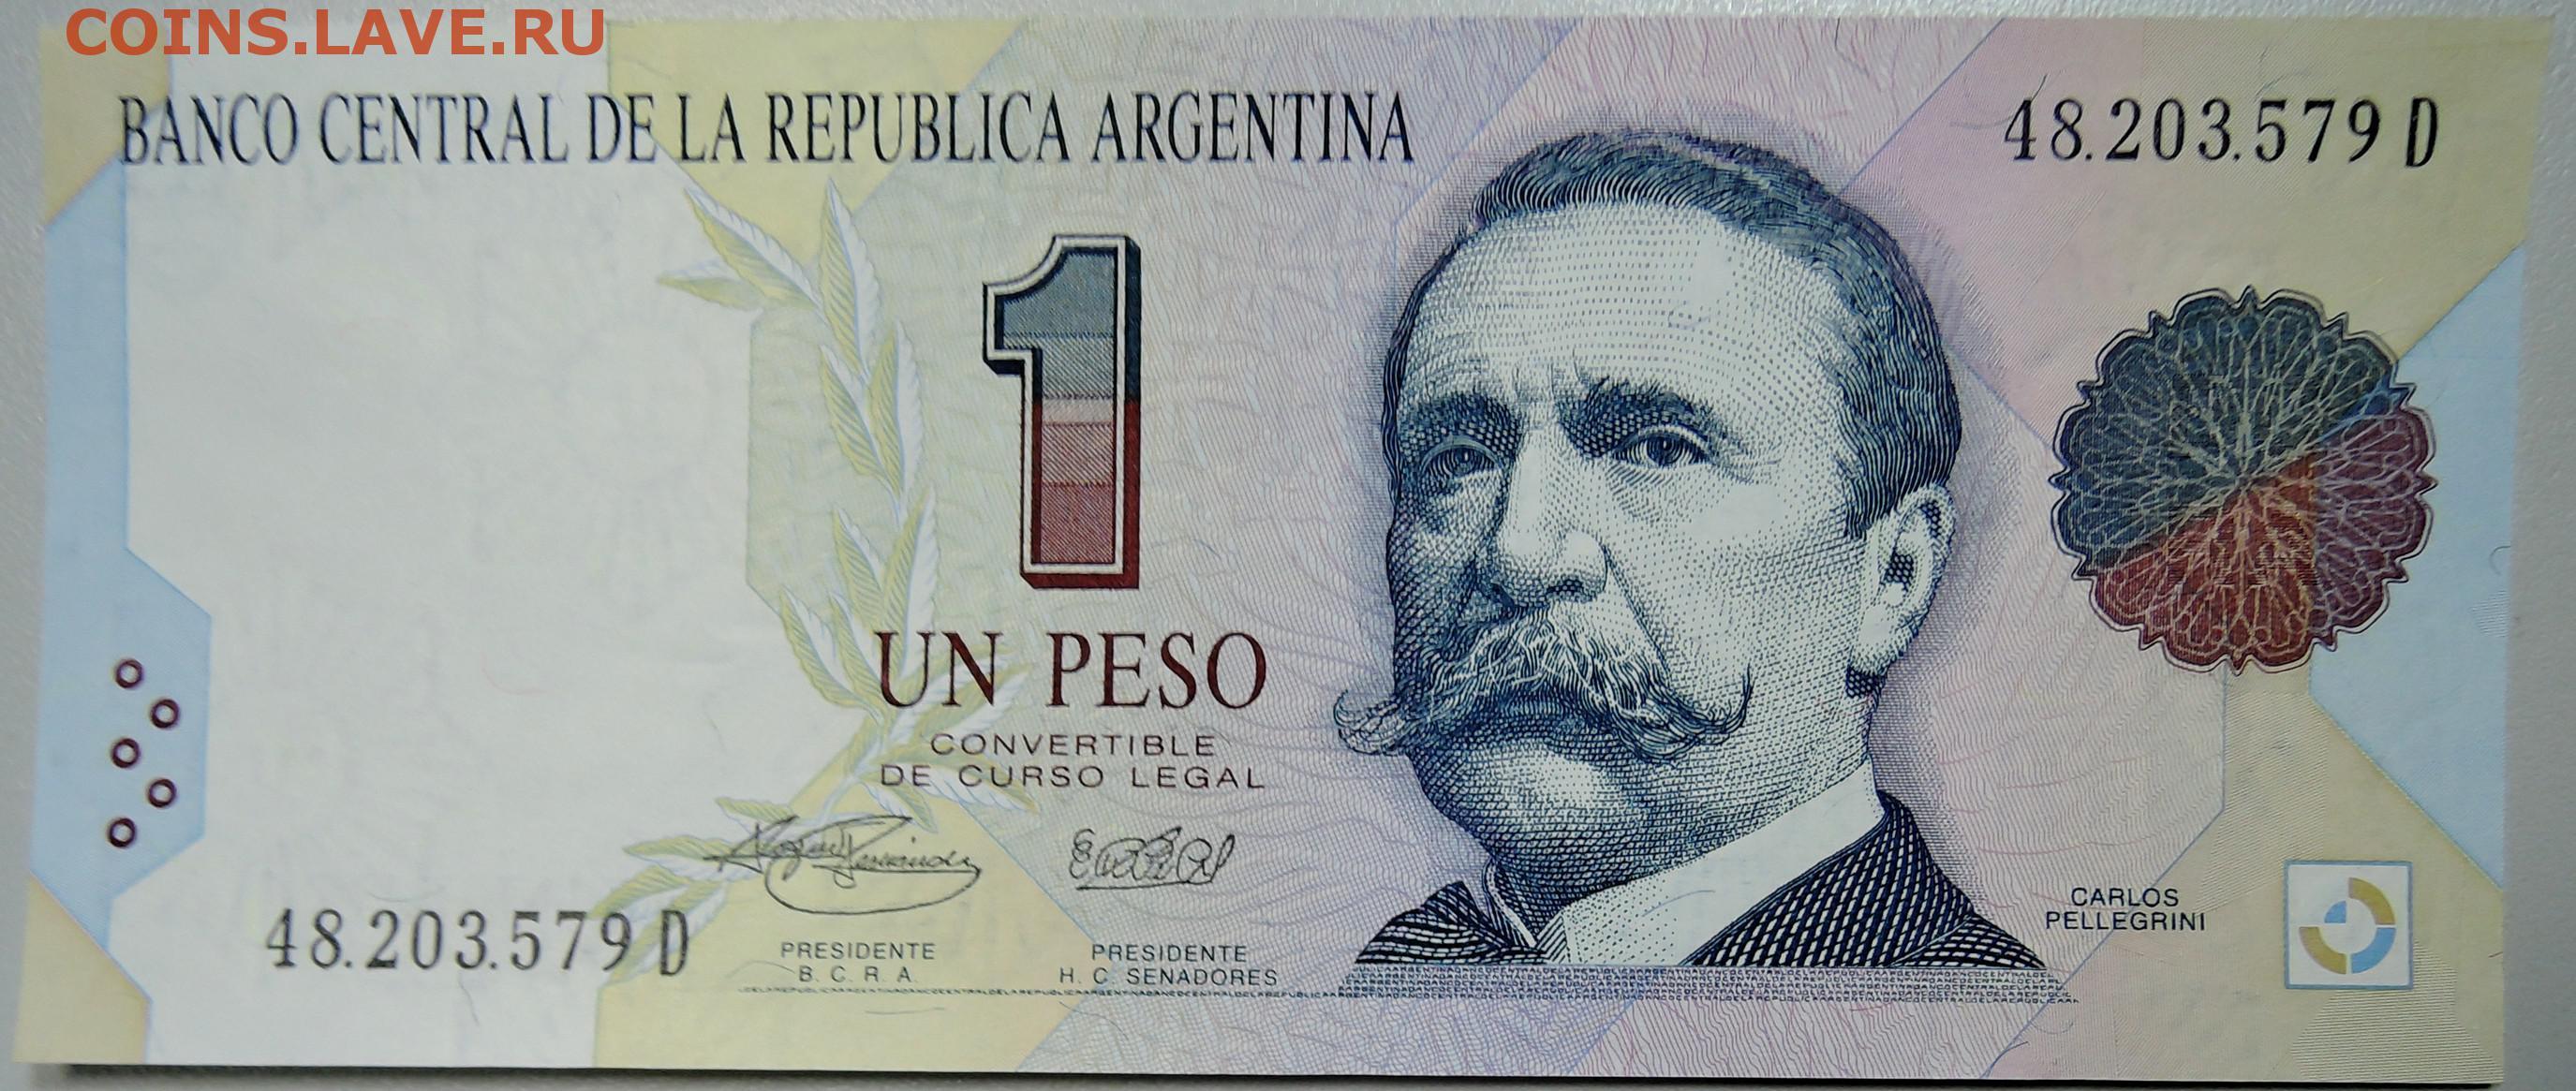 курс доллар аргентинский песо способом находится